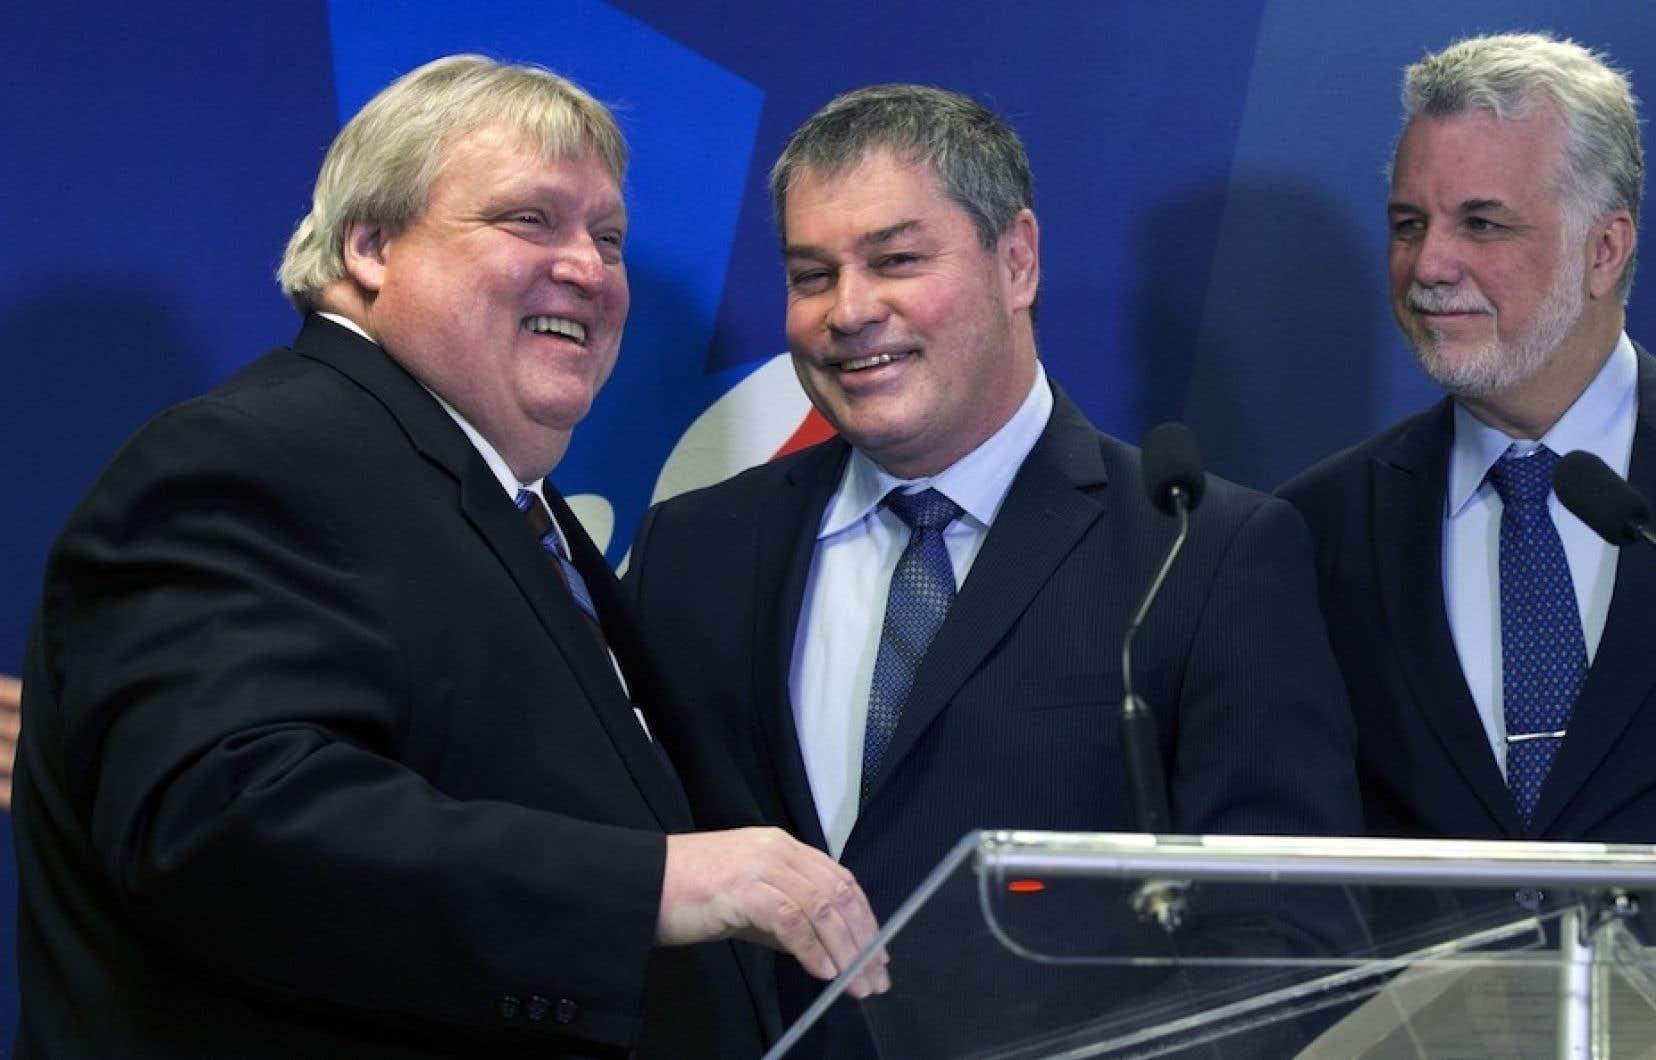 Le candidat libéral Gaétan Barrette en début de campagne électorale, avec Yves Bolduc et Philippe Couillard.